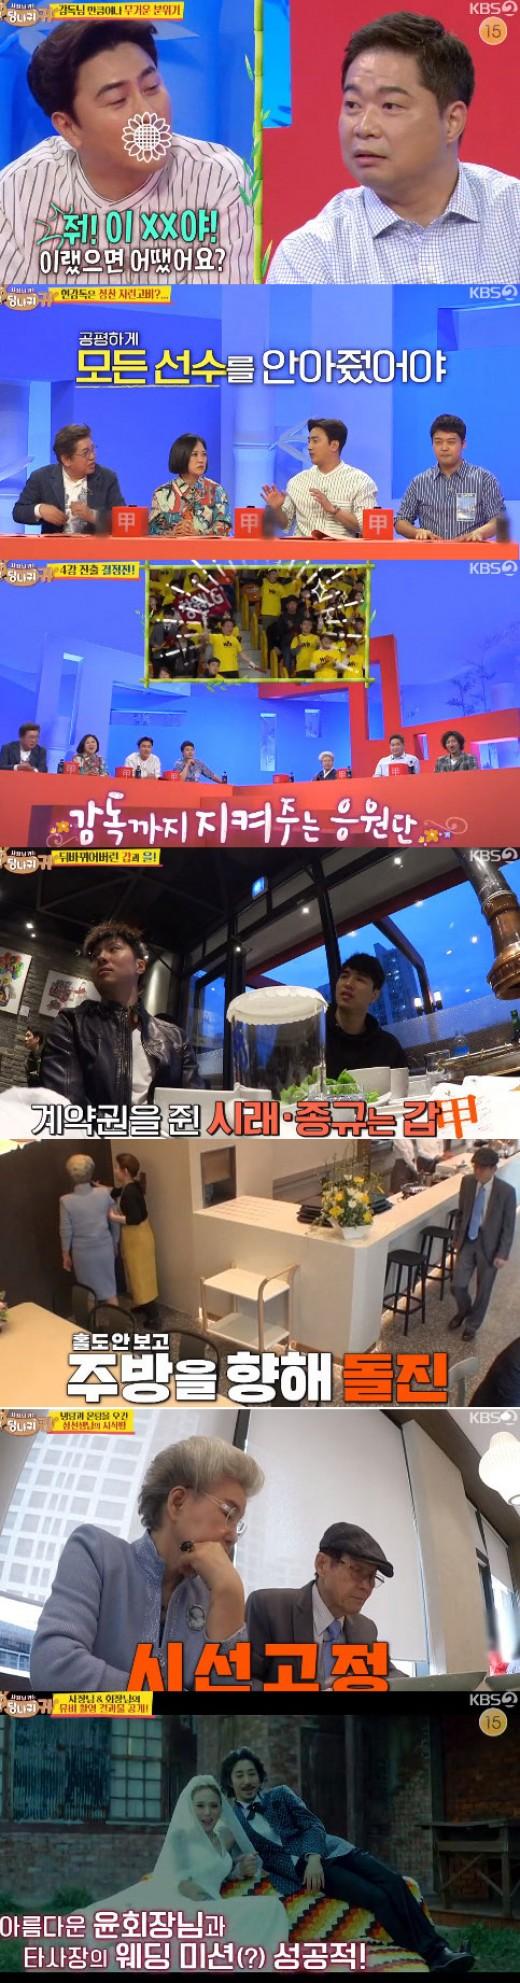 '당나귀 귀' 안정환 특별 MC, 현주엽과 티격태격 절친케미 '재미 뿜뿜'